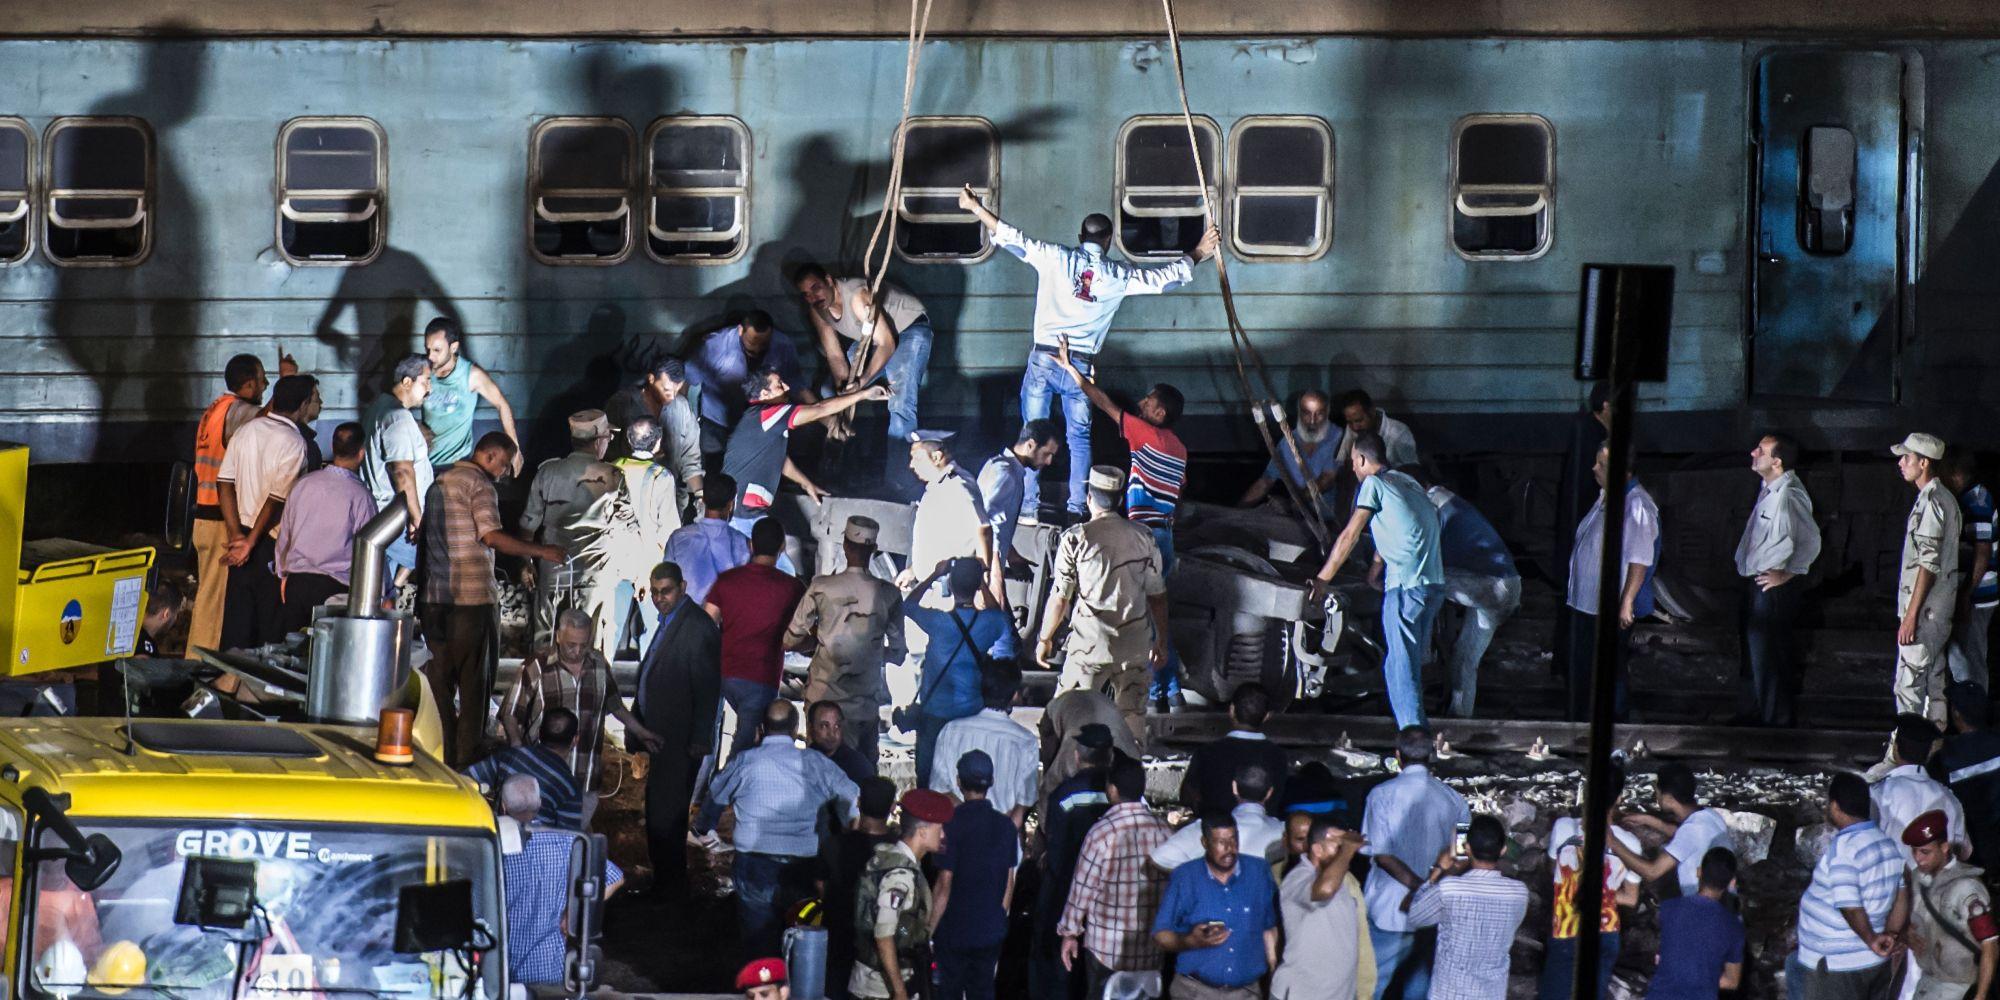 قطارات  الموت  في مصر تحصد الأرواح منذ 15 عاماً.. أبرز حوادث السكك الحديدية وأعنفها